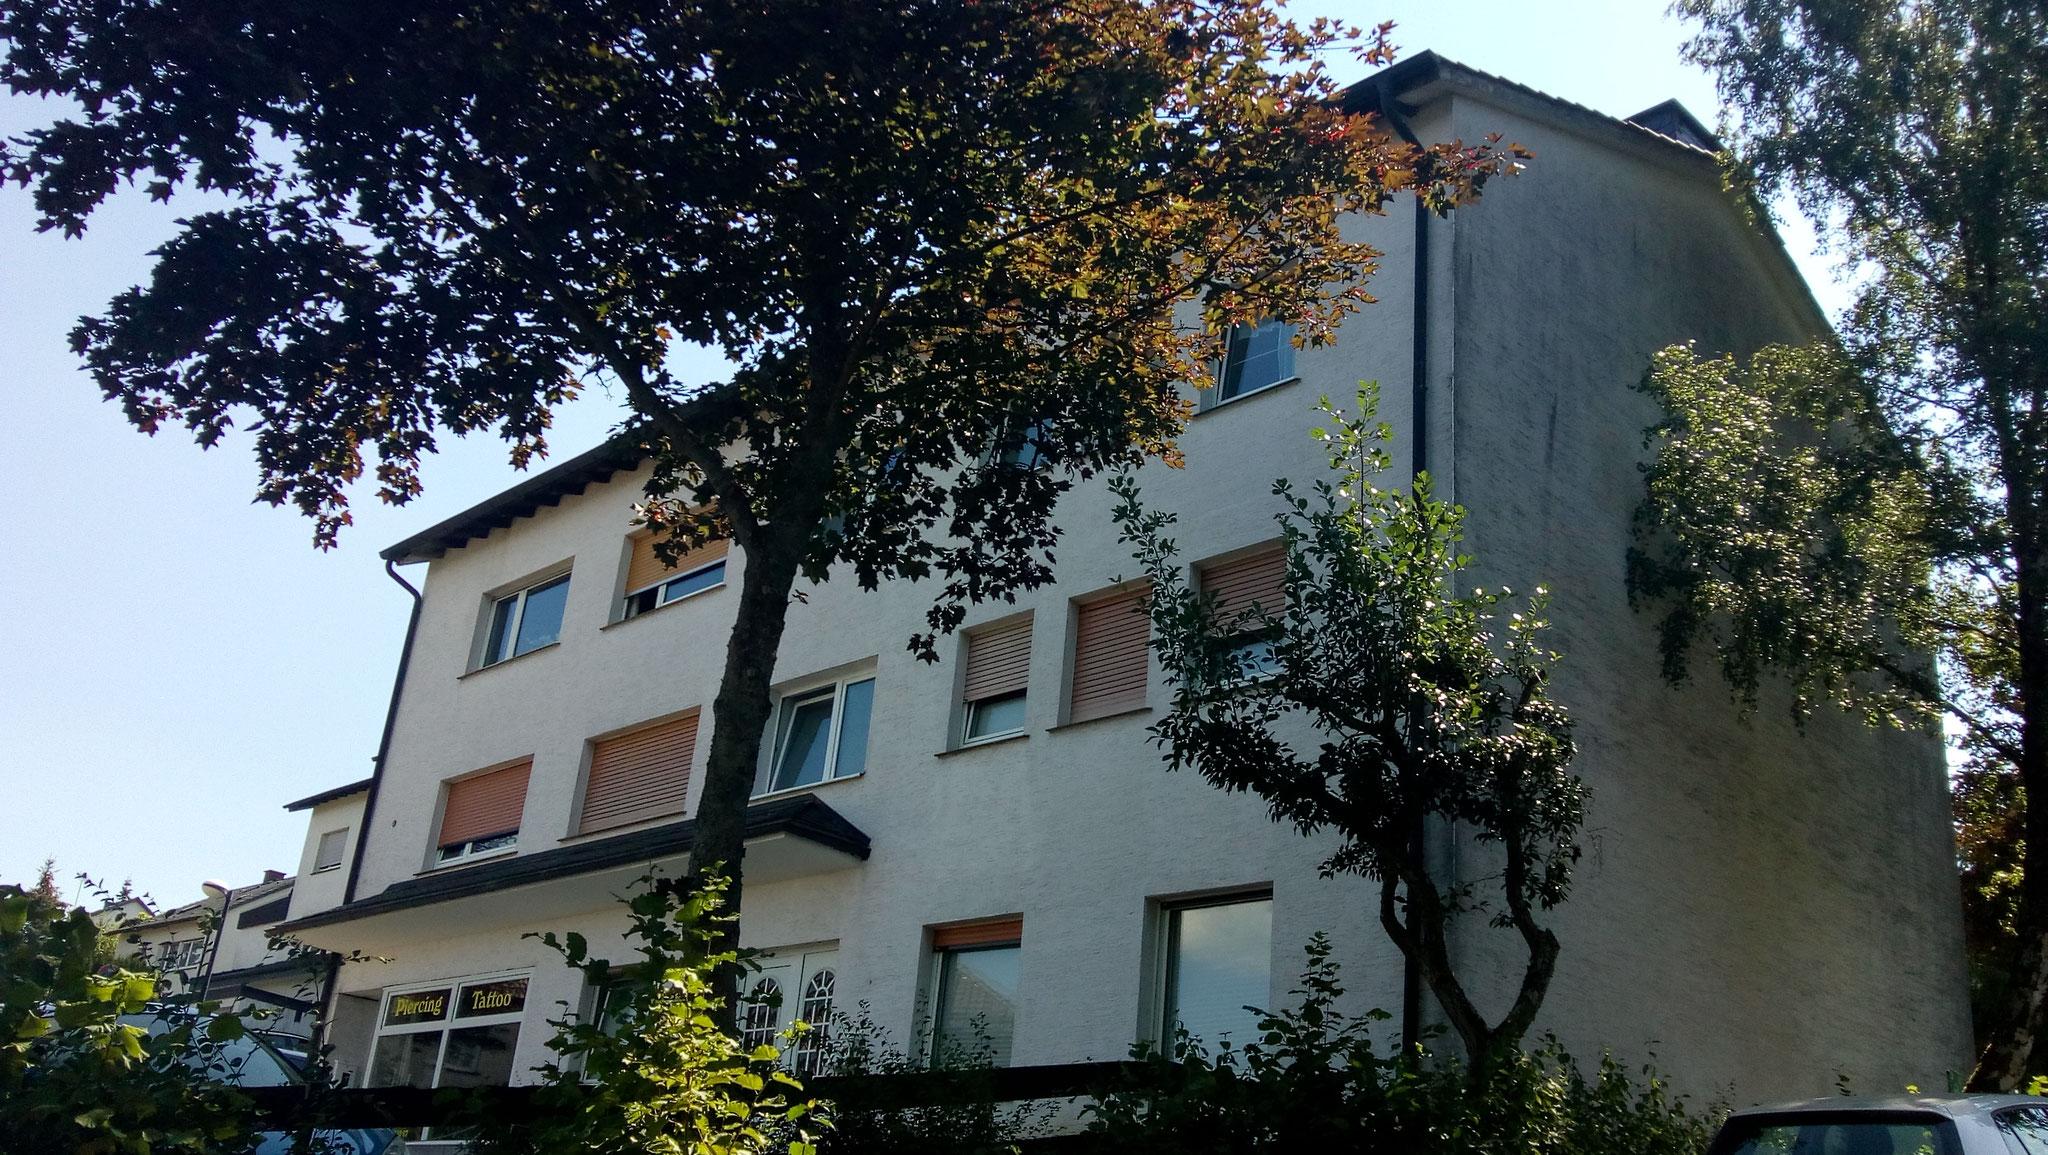 Mehrfamilienhaus in Sundern - 5 Wohneinheiten und 1 Gewerbeeinheit